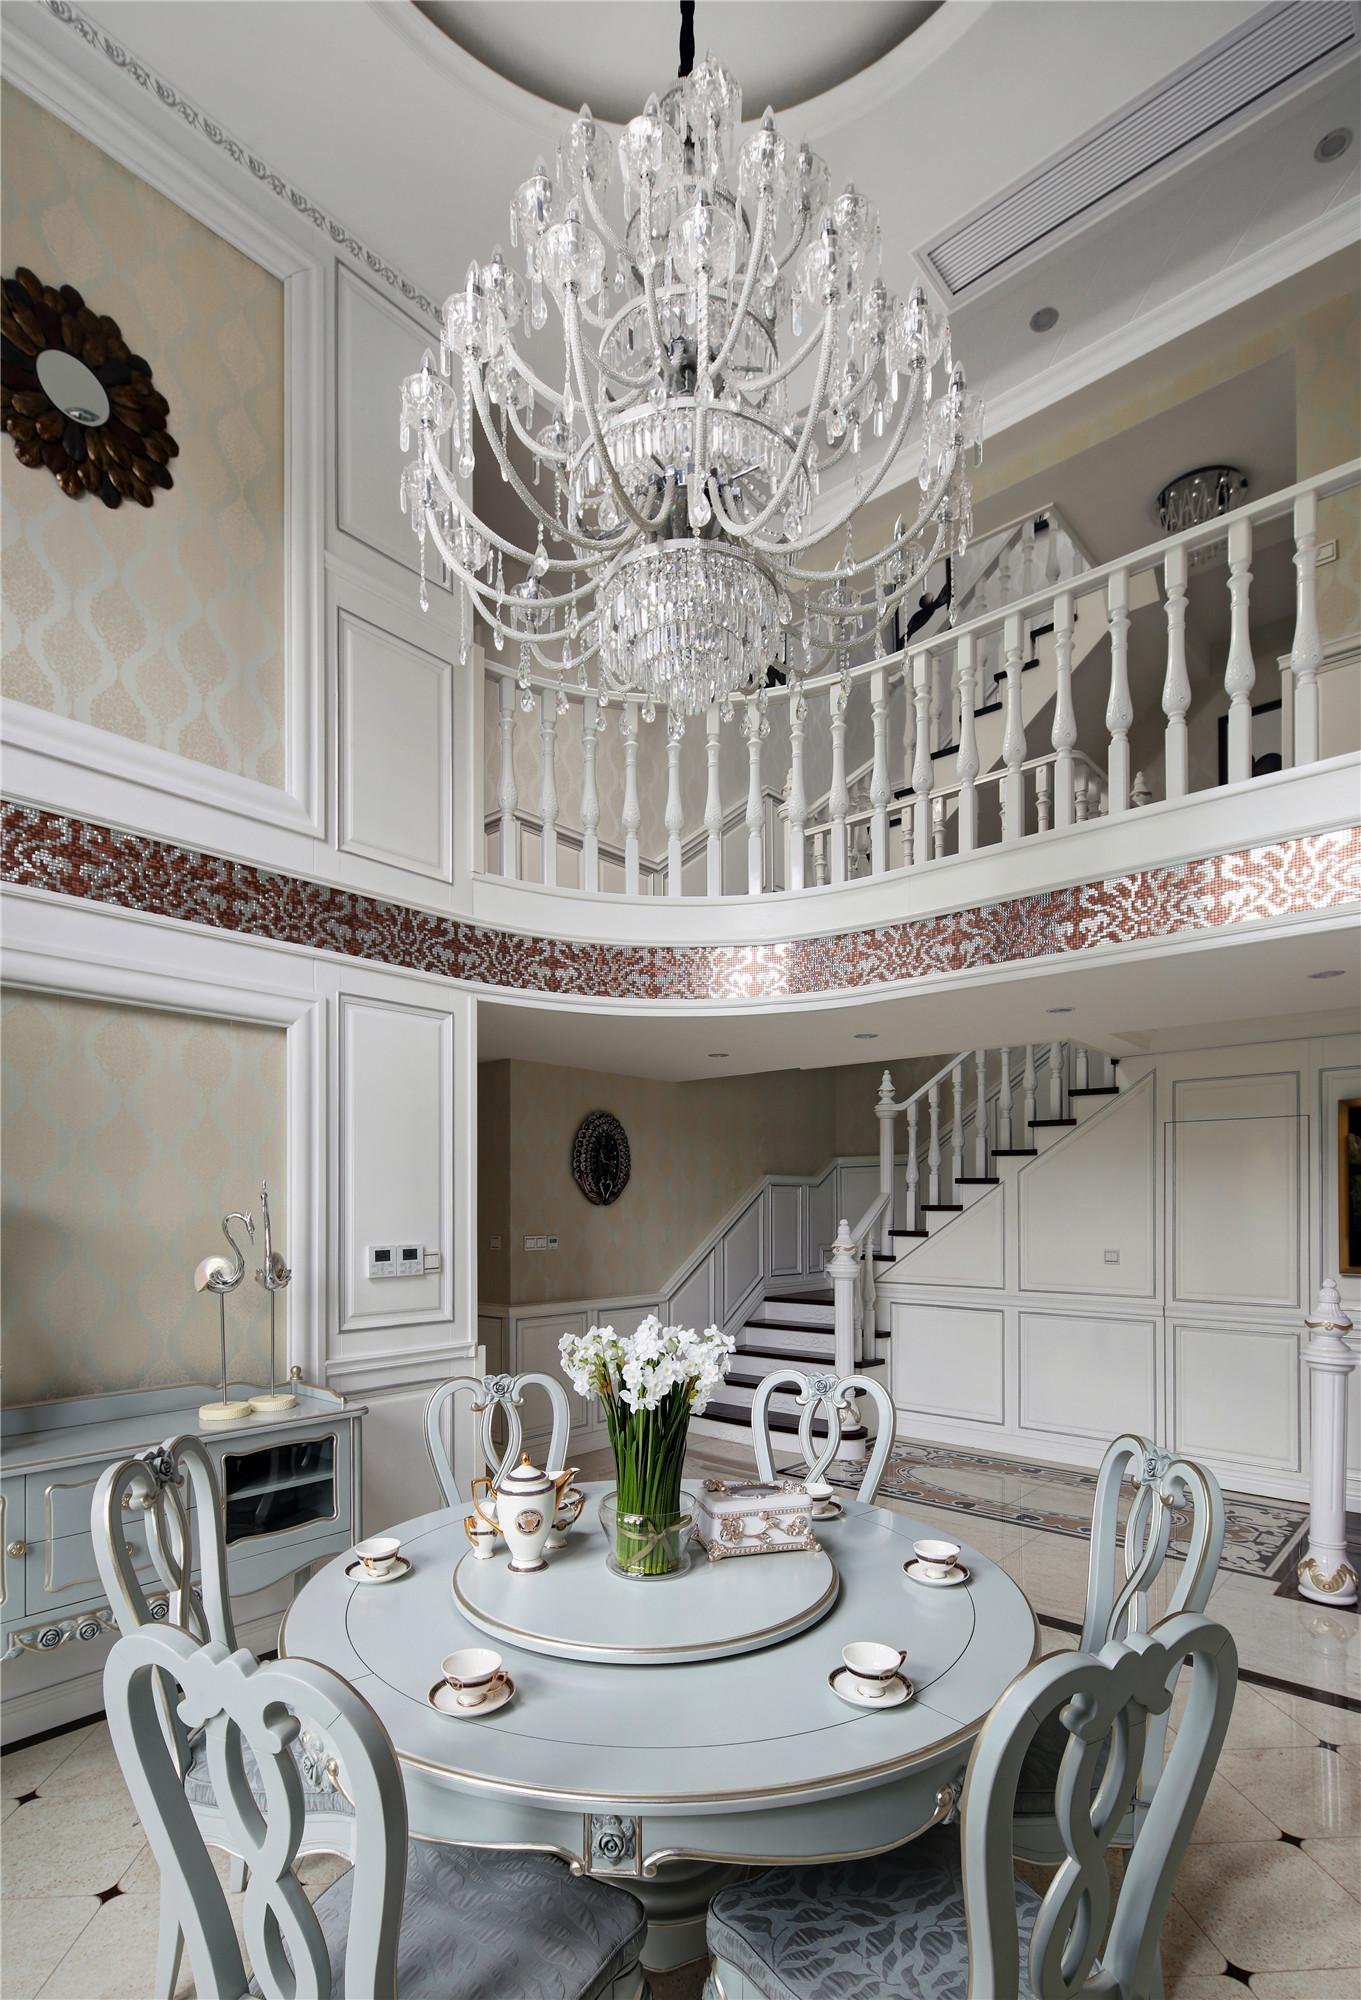 法式风格别墅装修吊灯图片